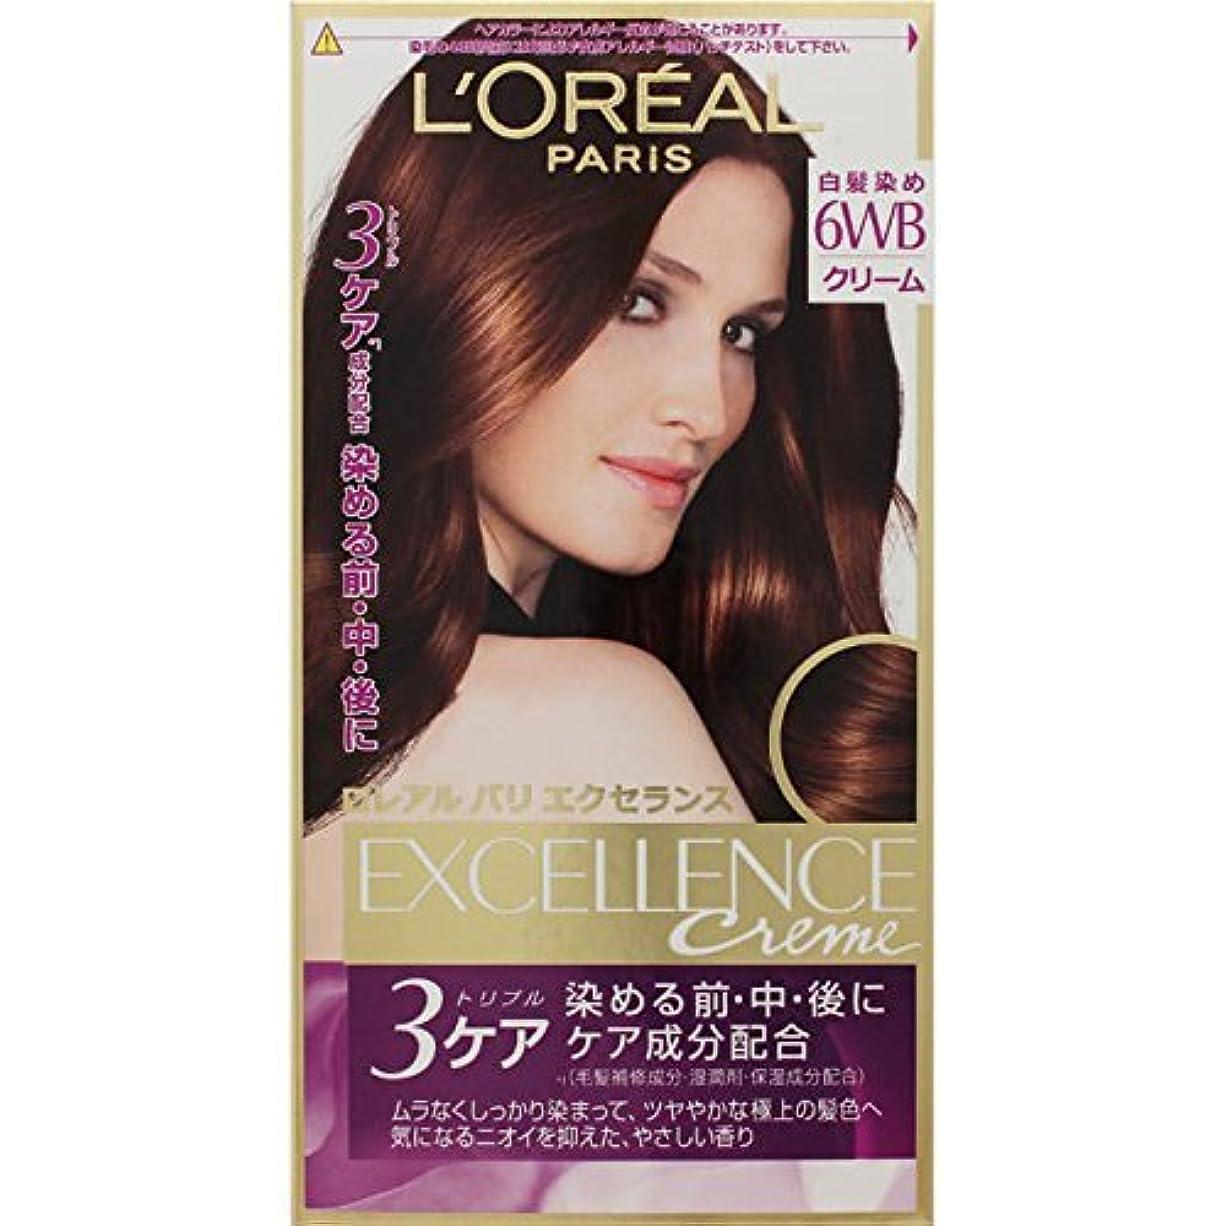 船酔い衰える夕方ロレアル パリ ヘアカラー 白髪染め エクセランス N クリームタイプ 6WB ウォーム系のやや明るい栗色